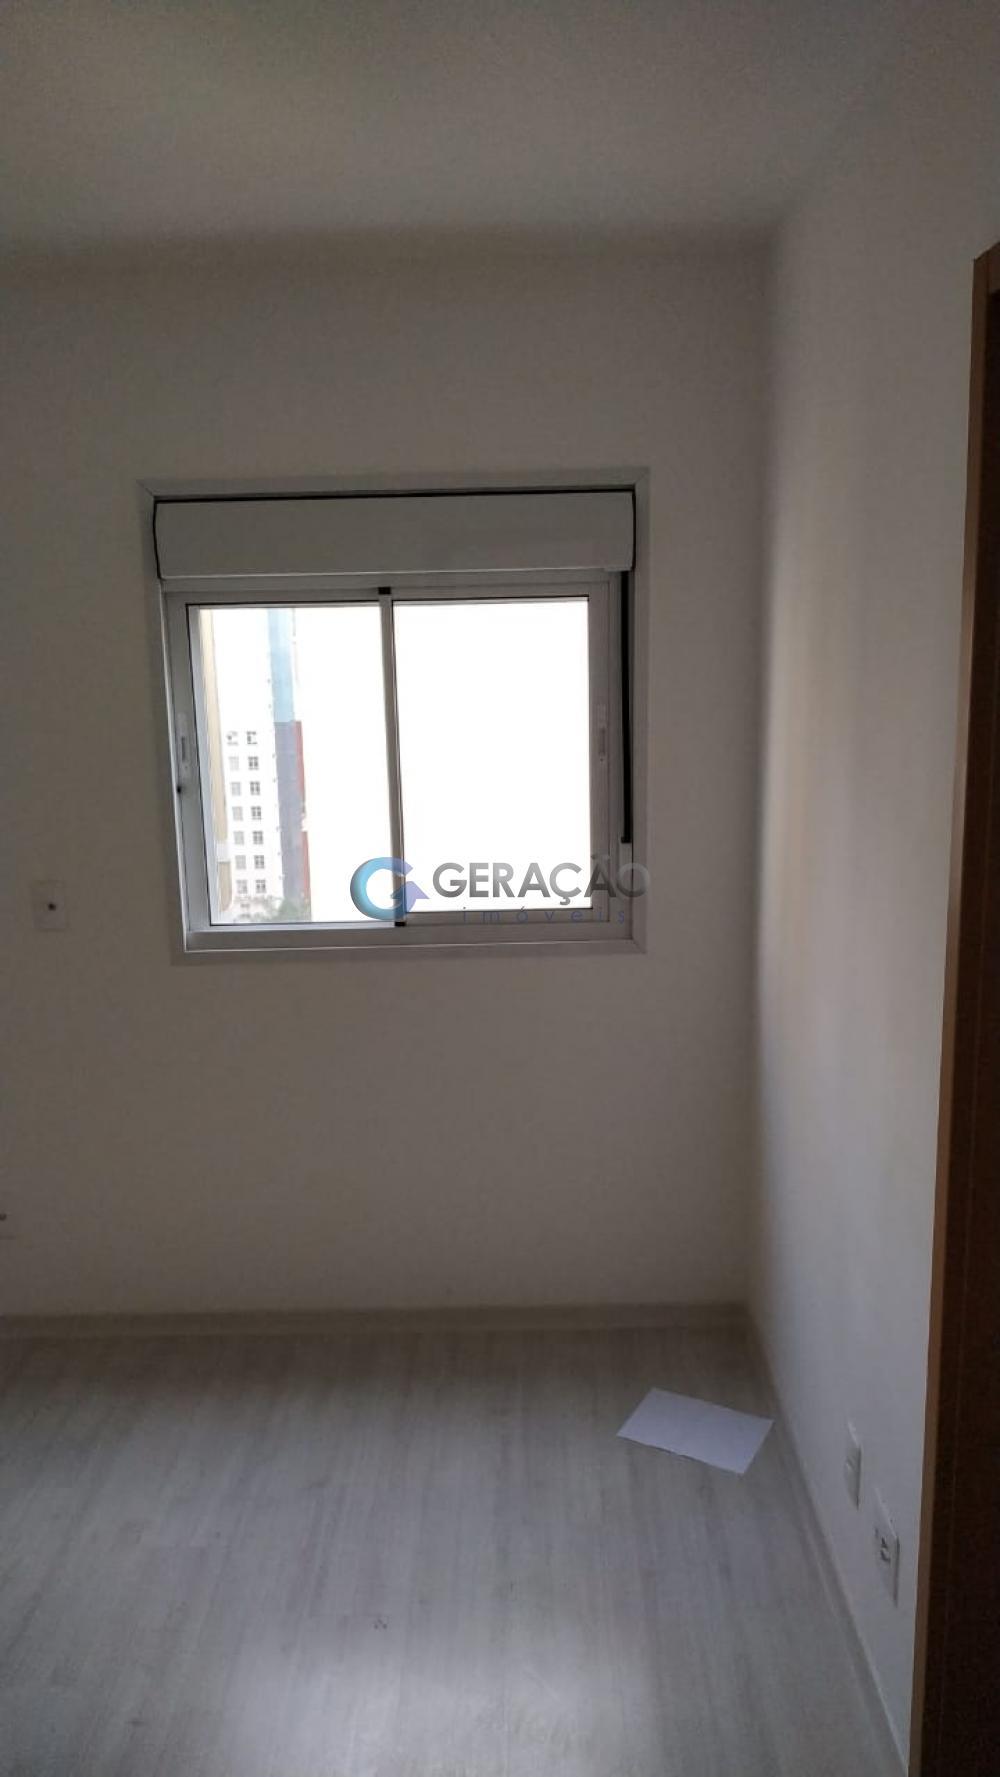 Alugar Apartamento / Padrão em São José dos Campos apenas R$ 2.500,00 - Foto 7